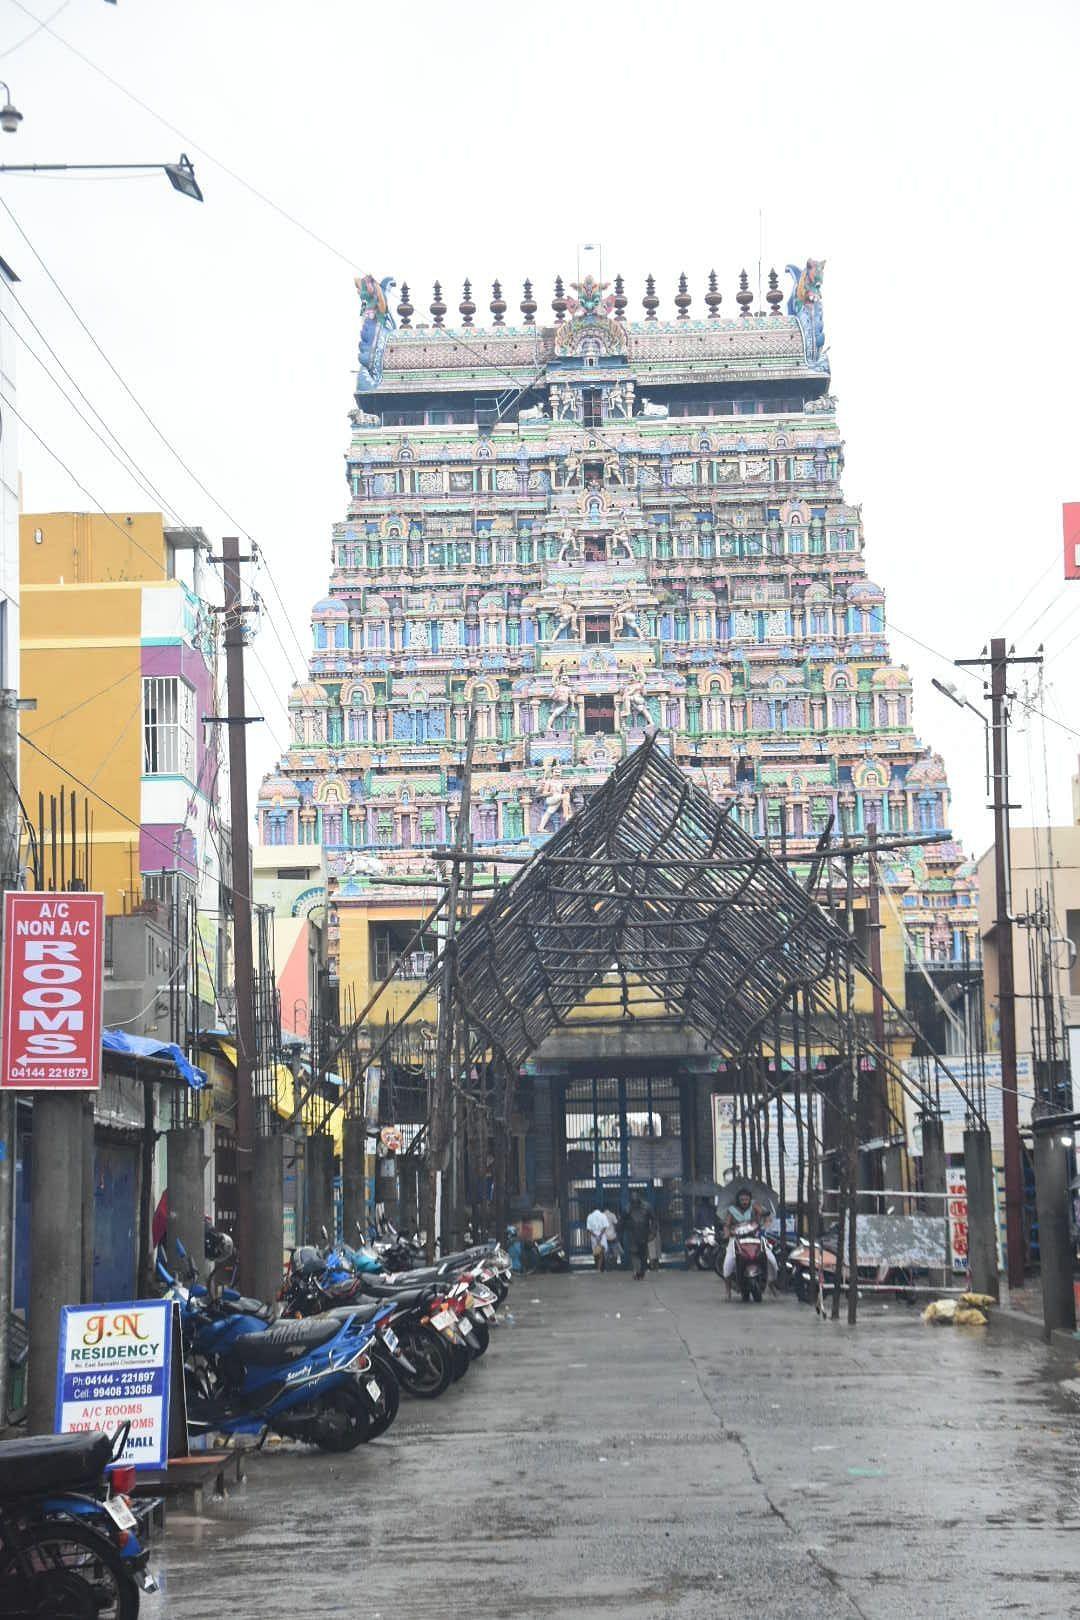 சிதம்பரம் ஸ்ரீ நடராஜர் கோயில்